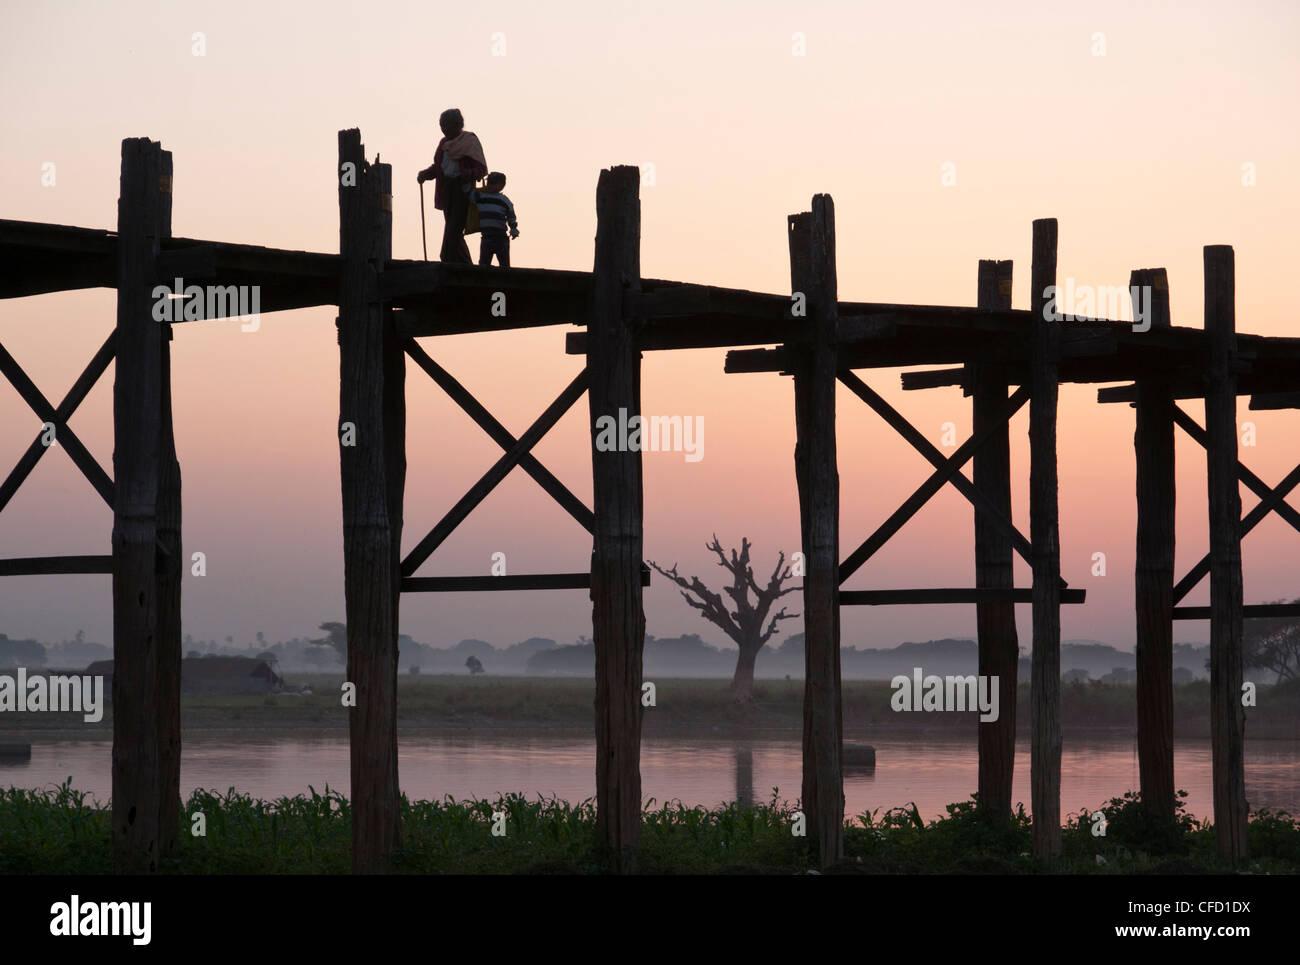 Silhouette of footbridge of 1060 poles, Amarapura, Mandalay Division, Myanmar, Asia - Stock Image